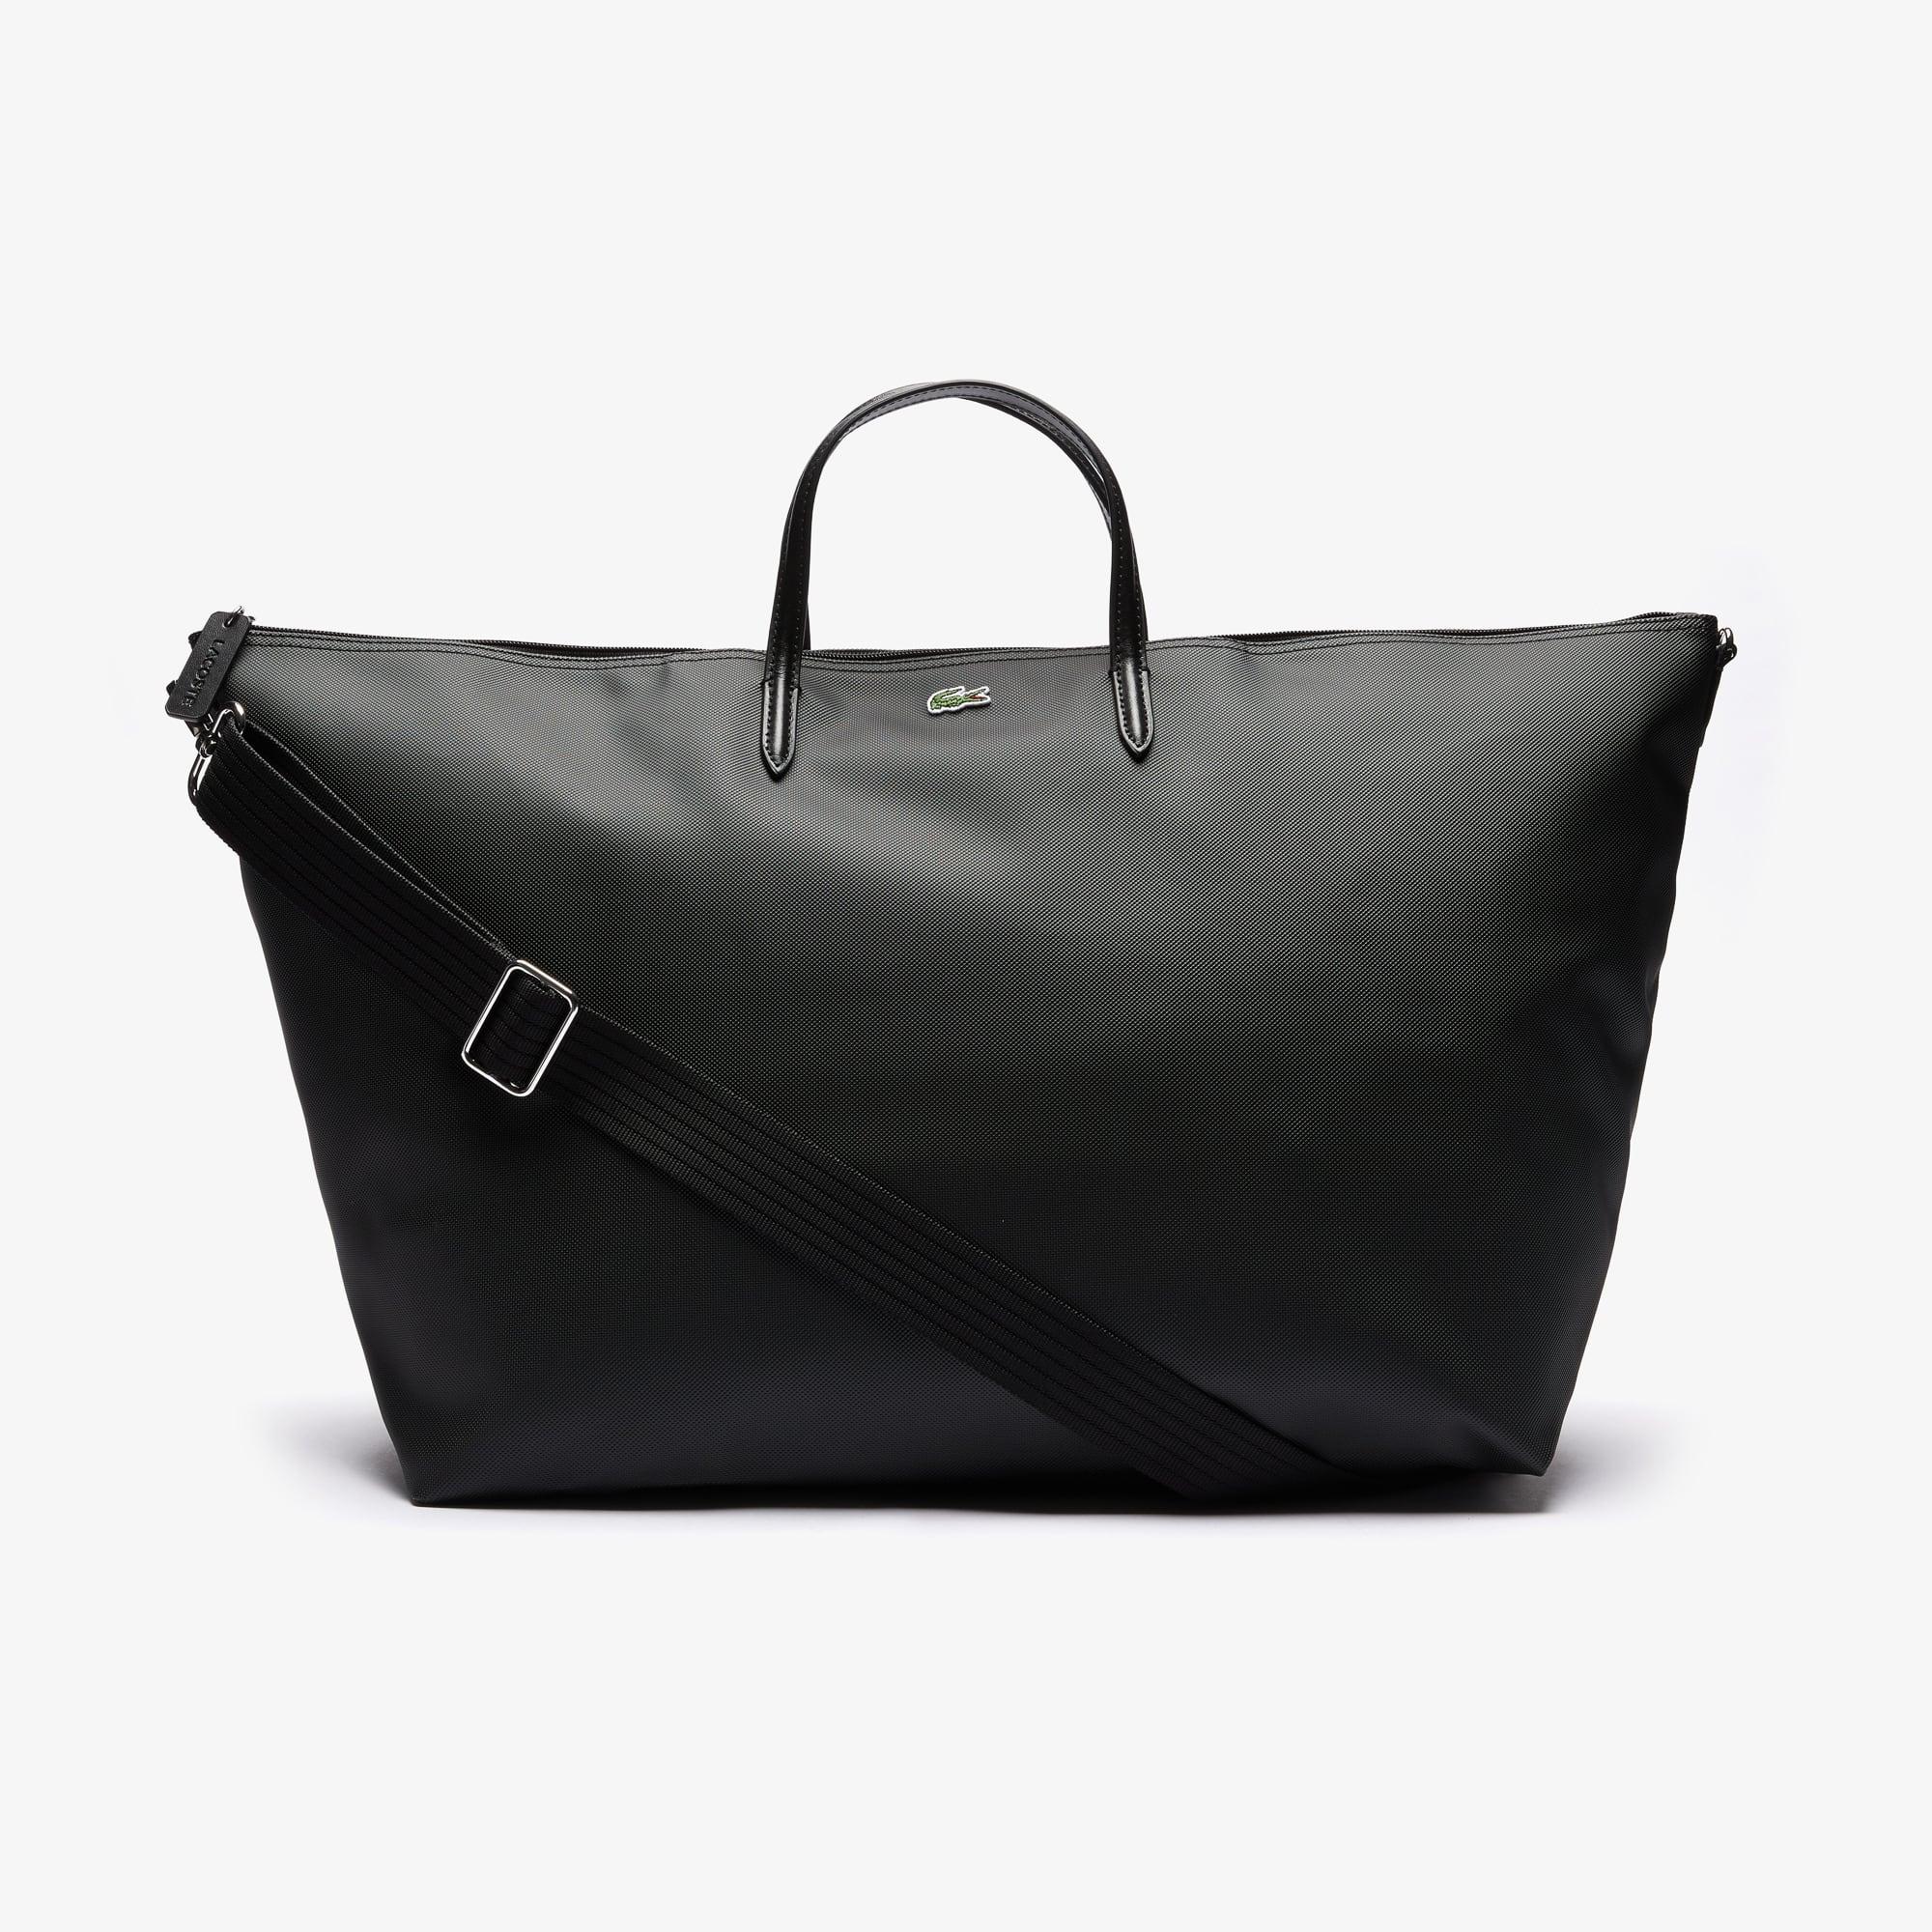 tout neuf c7c96 cb0a5 Sacs à main cuir, sacs cabas | Maroquinerie femme | LACOSTE